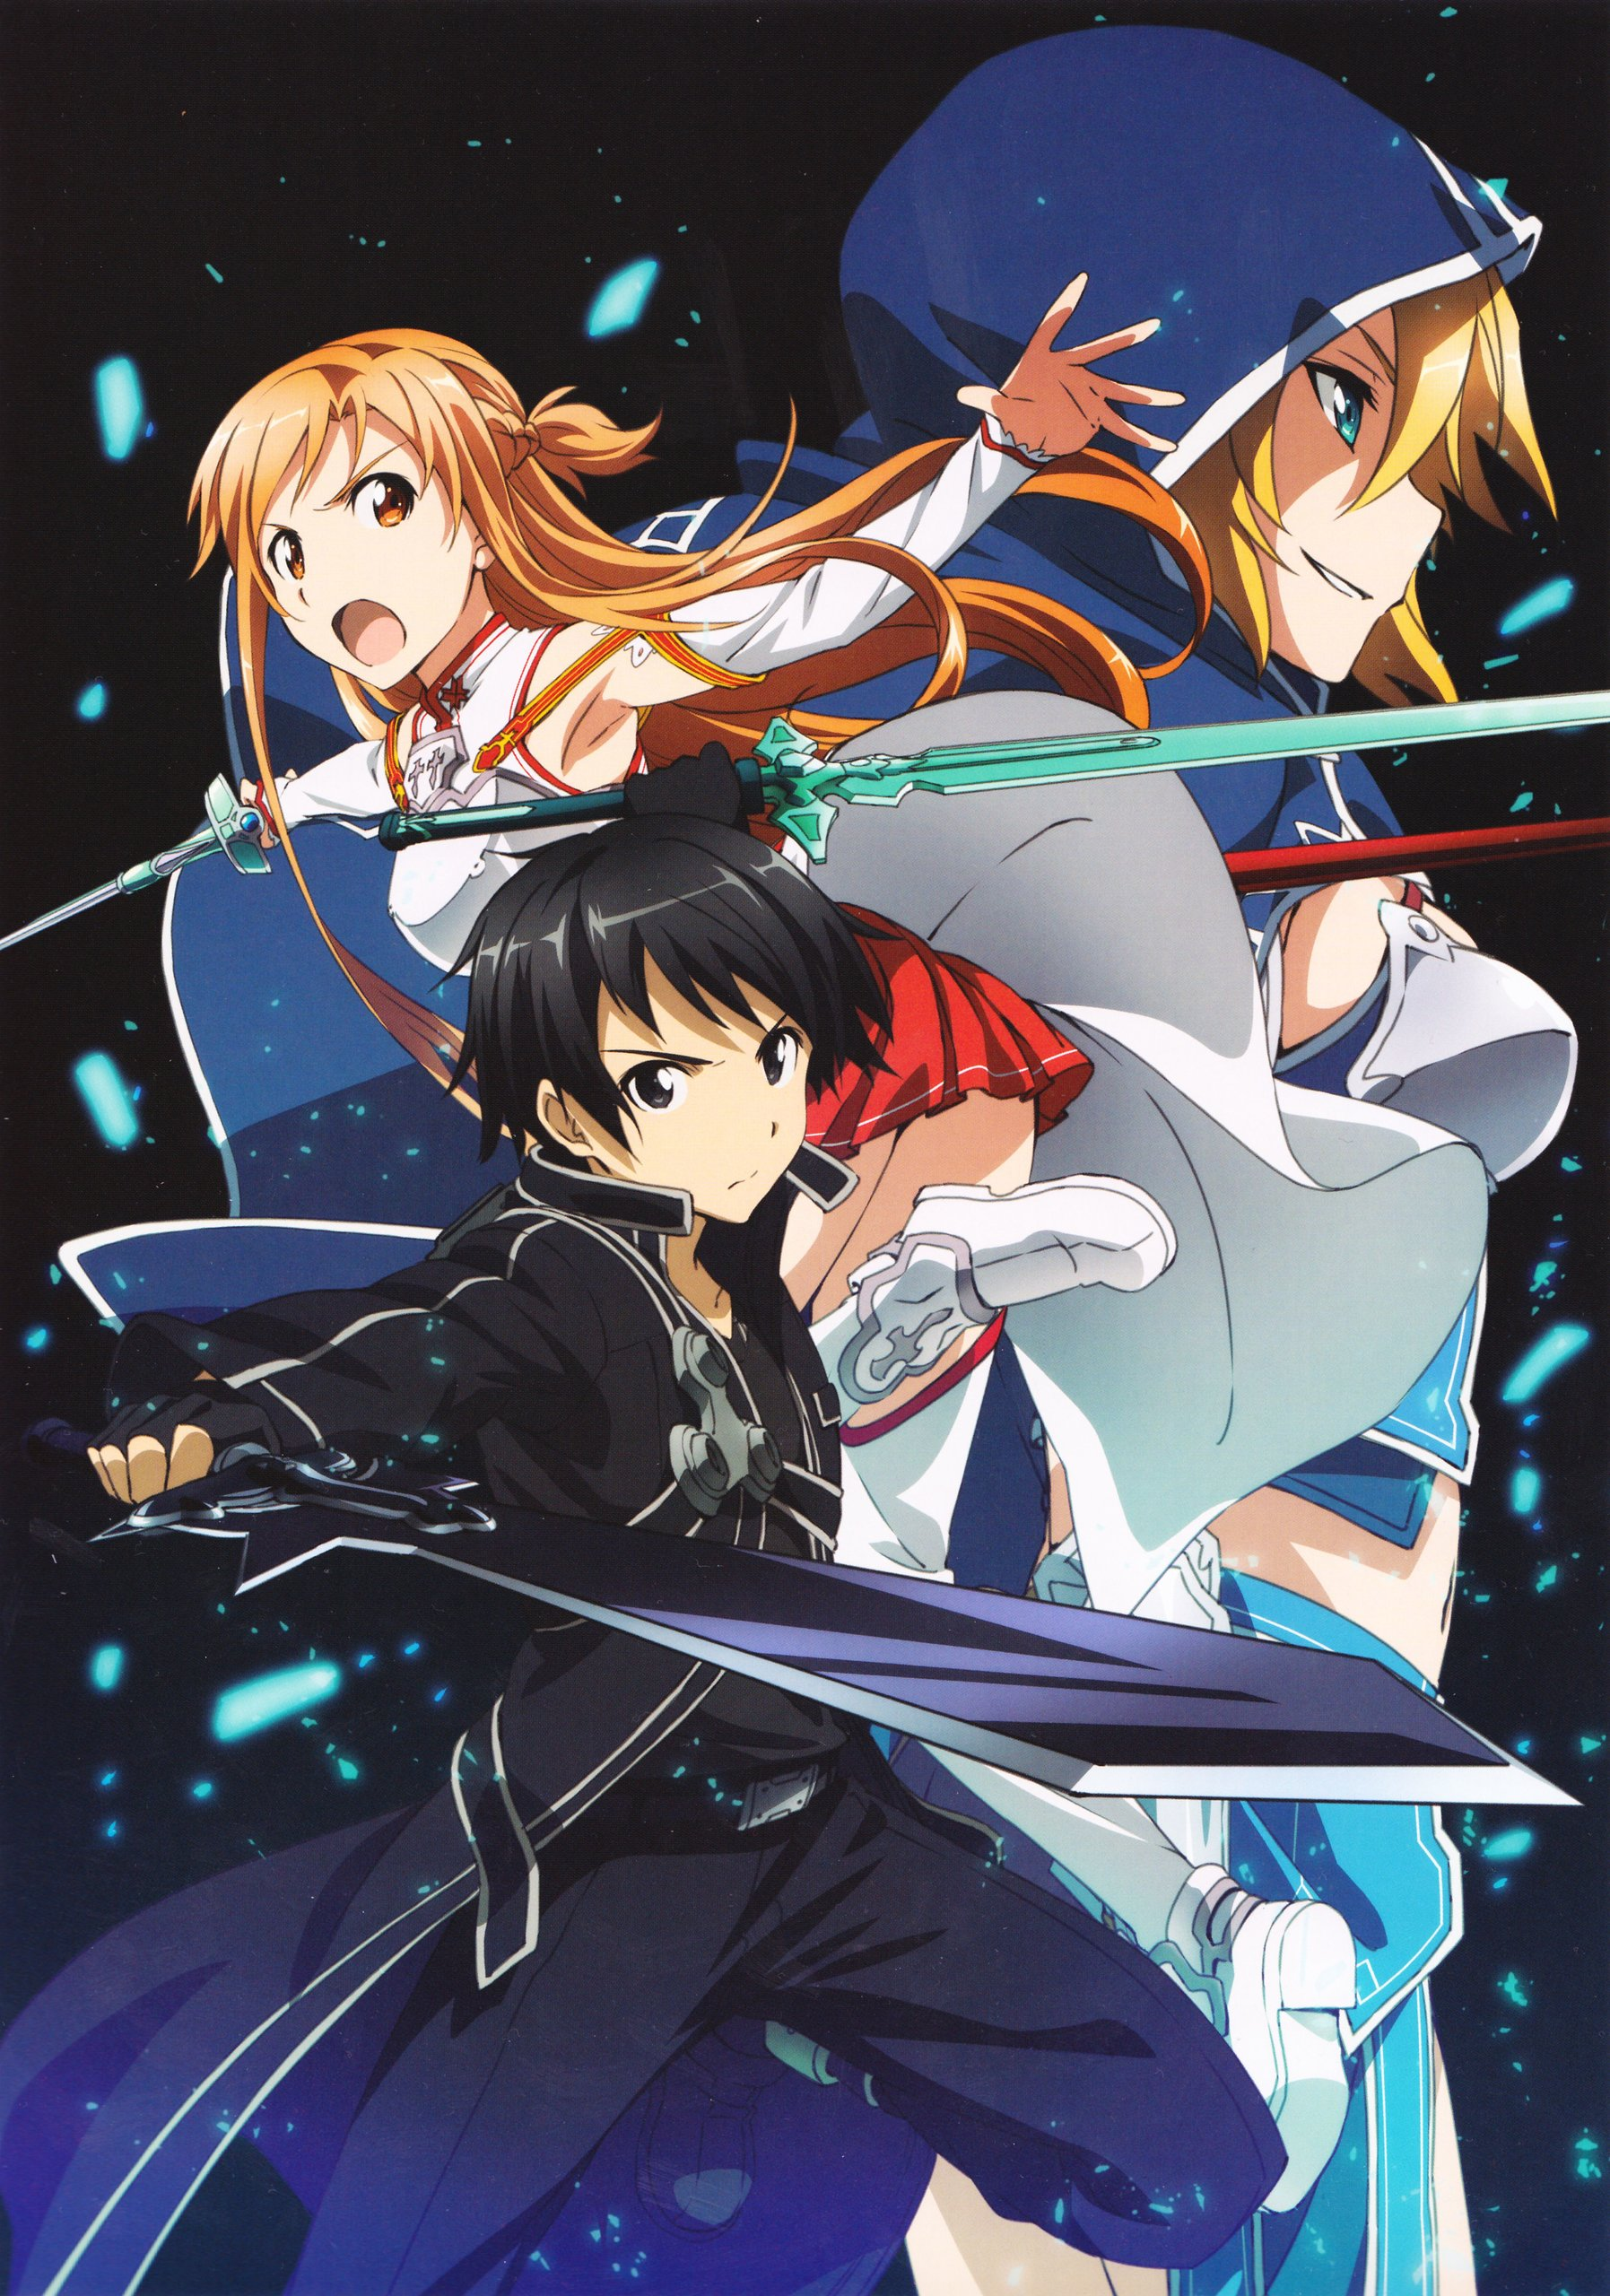 Постеры по аниме мастера меча онлайн